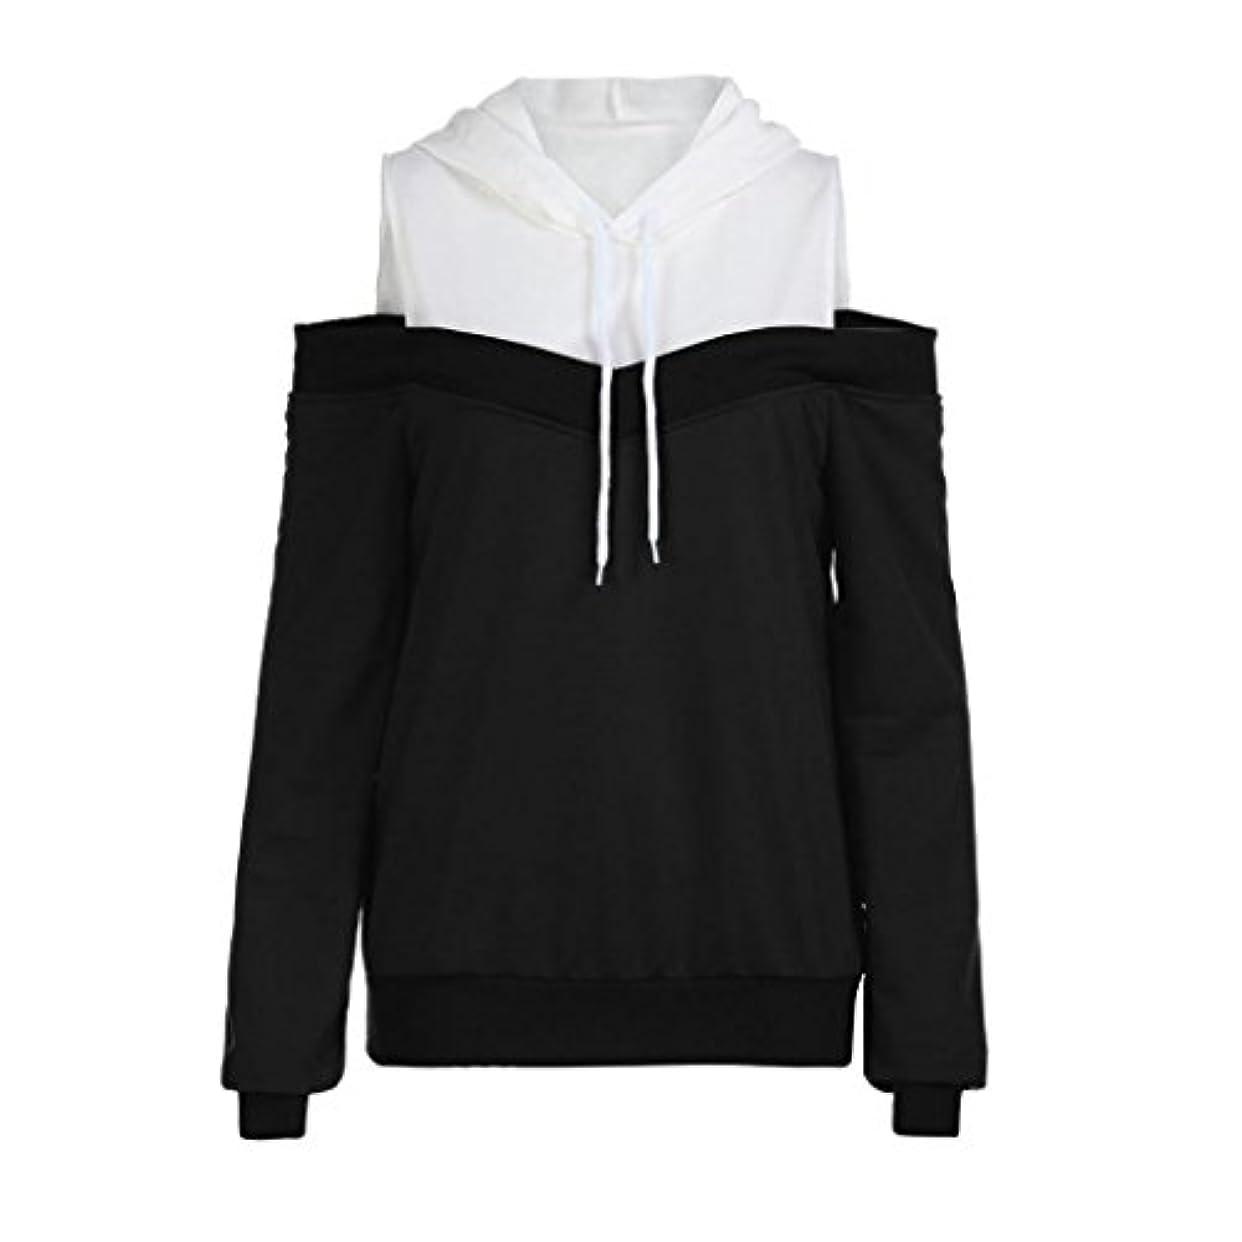 入力お互い折SakuraBest レディースファッションオフショルダーロングスリーブパーカースウェットシャツ